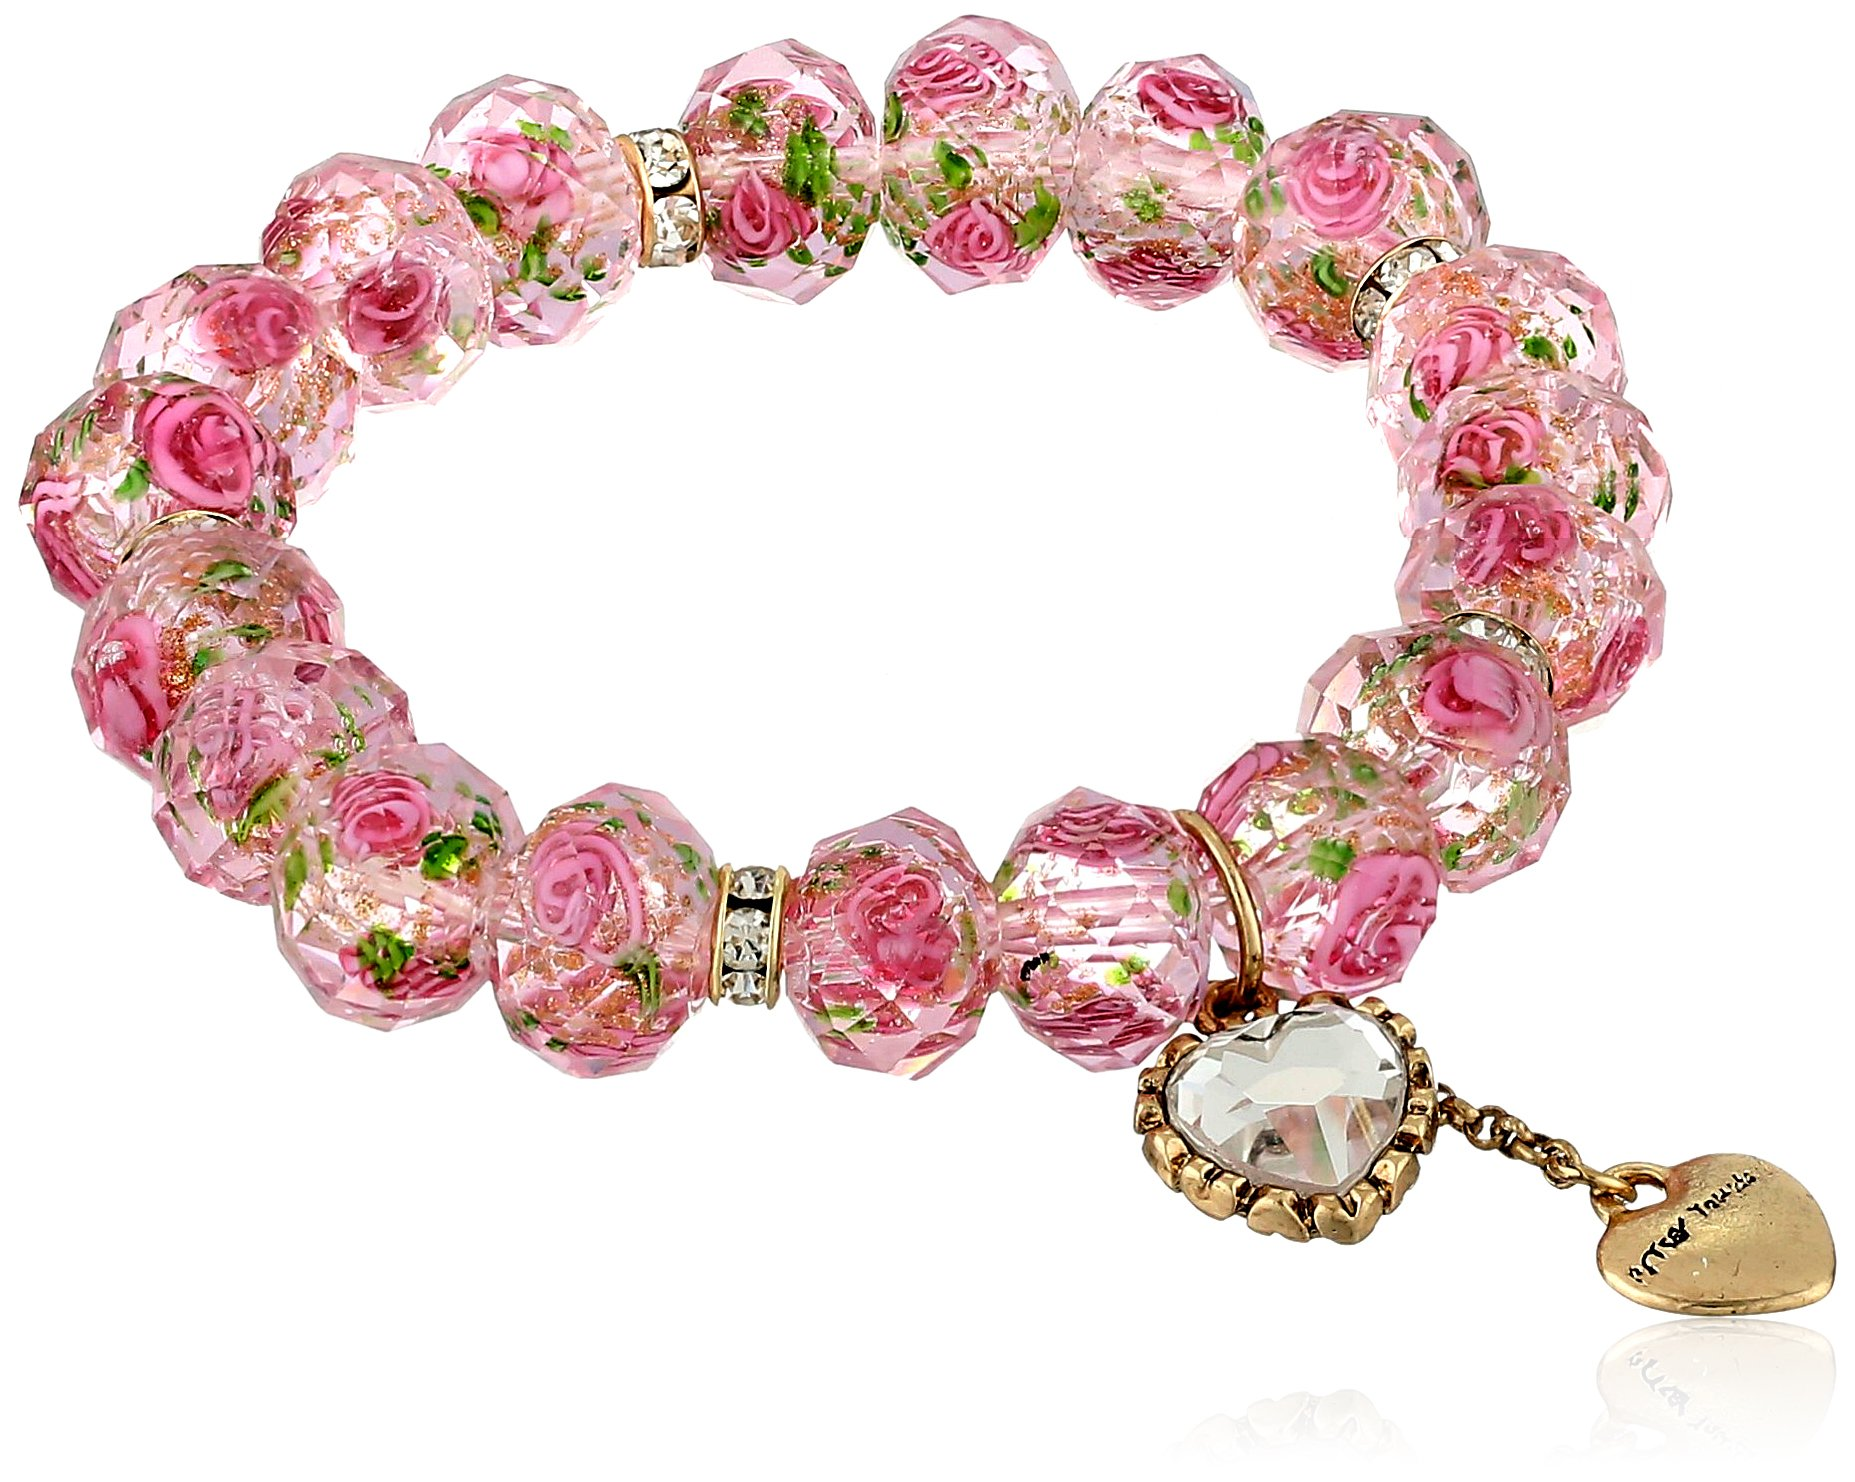 Betsey Johnson Tzarina Pink Beads Stretch Bracelet